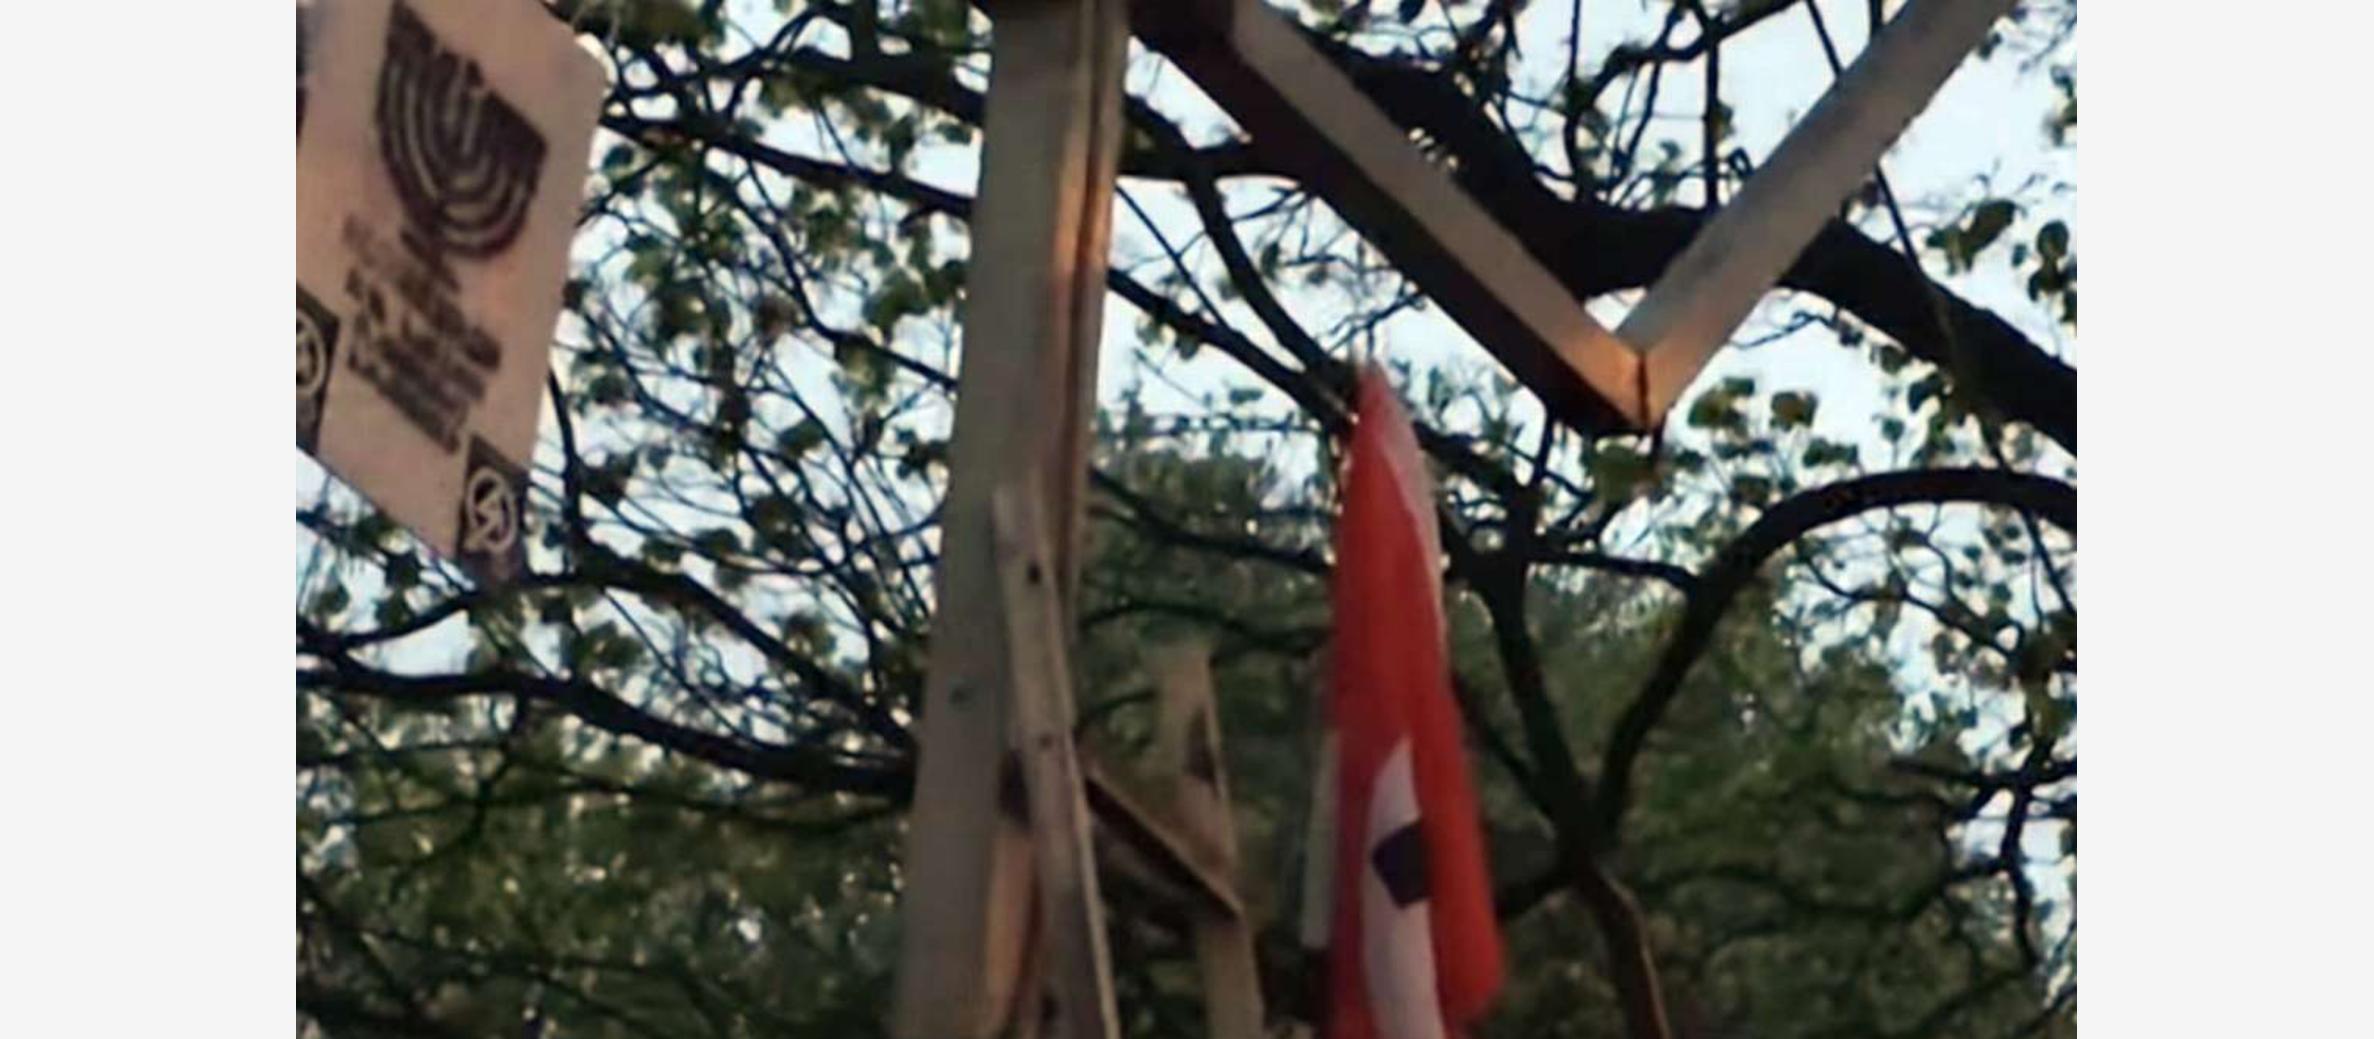 UK: Neo-Nazis attack Jewish monument in Birmingham park